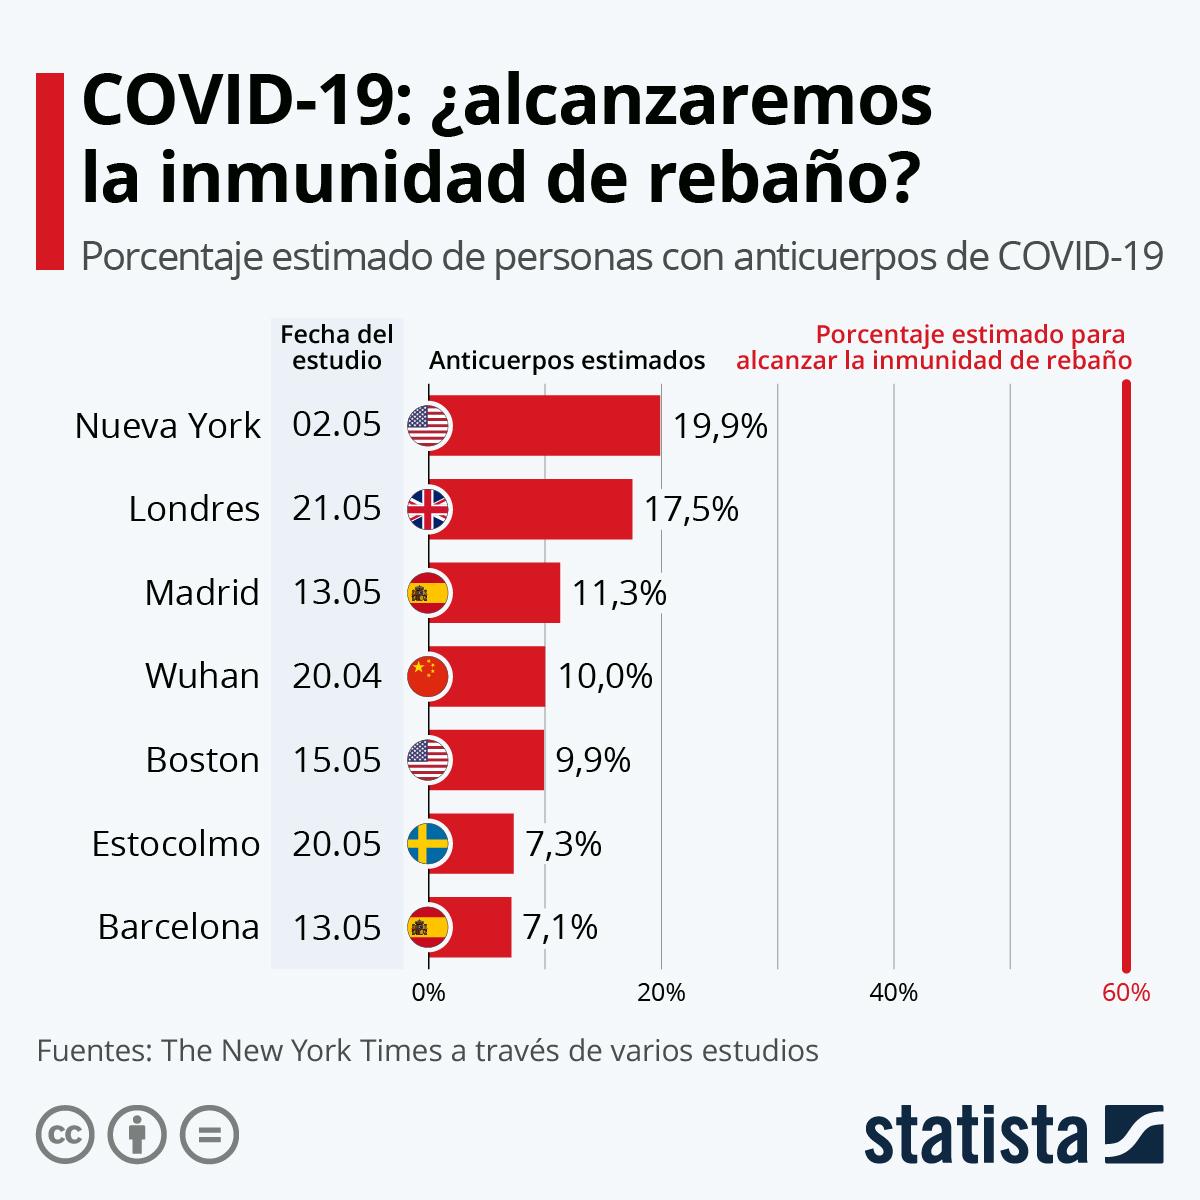 Gráfico: COVID-19: Aún estamos lejos de alcanzar la inmunidad de rebaño |  Statista